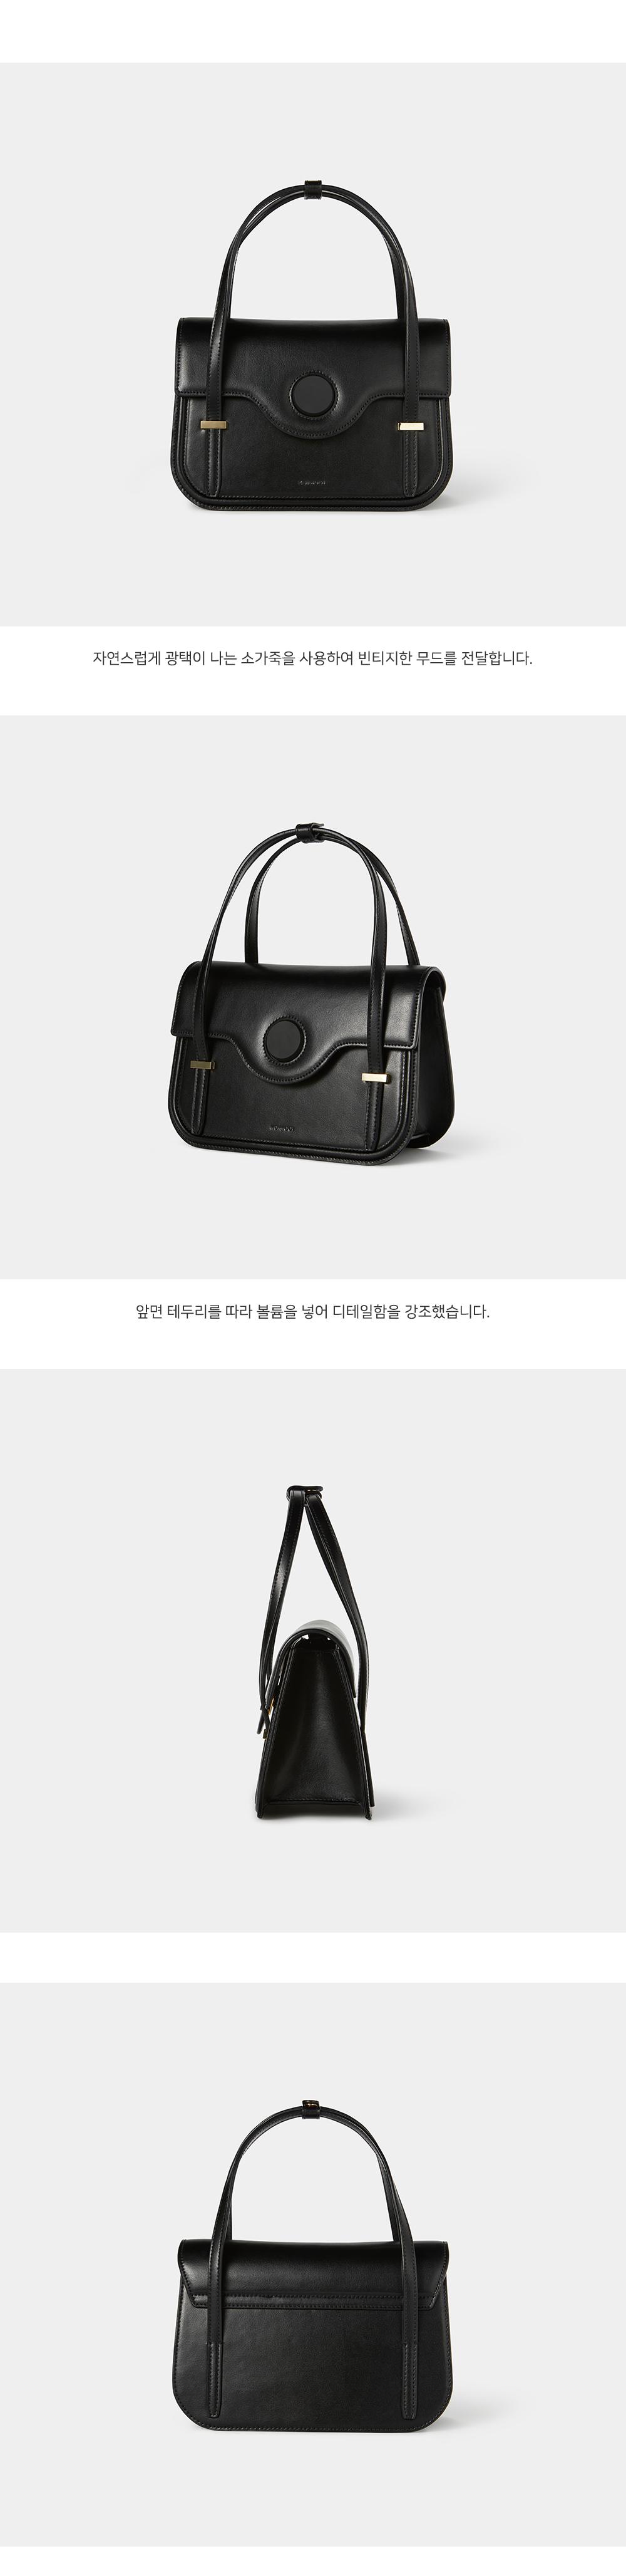 코이무이(KOIMOOI) Brick Bag (Black)